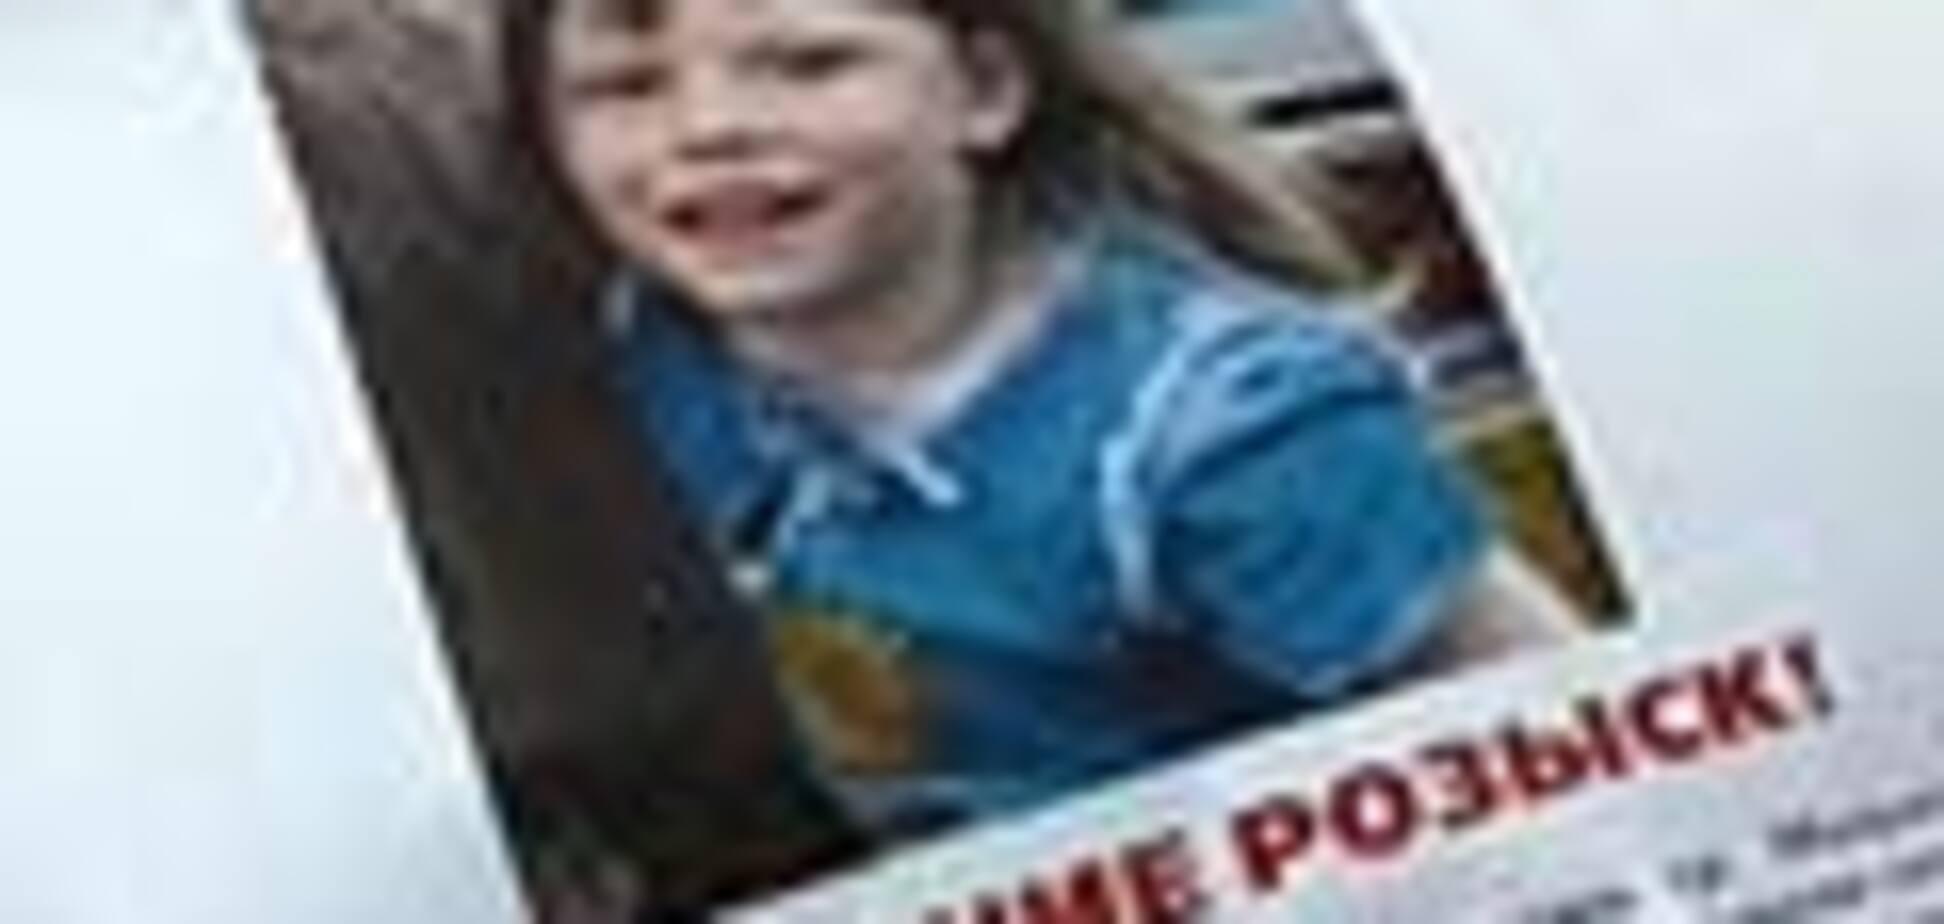 Підозрюваний у вбивстві Поліни Малькової назвав дату смерті